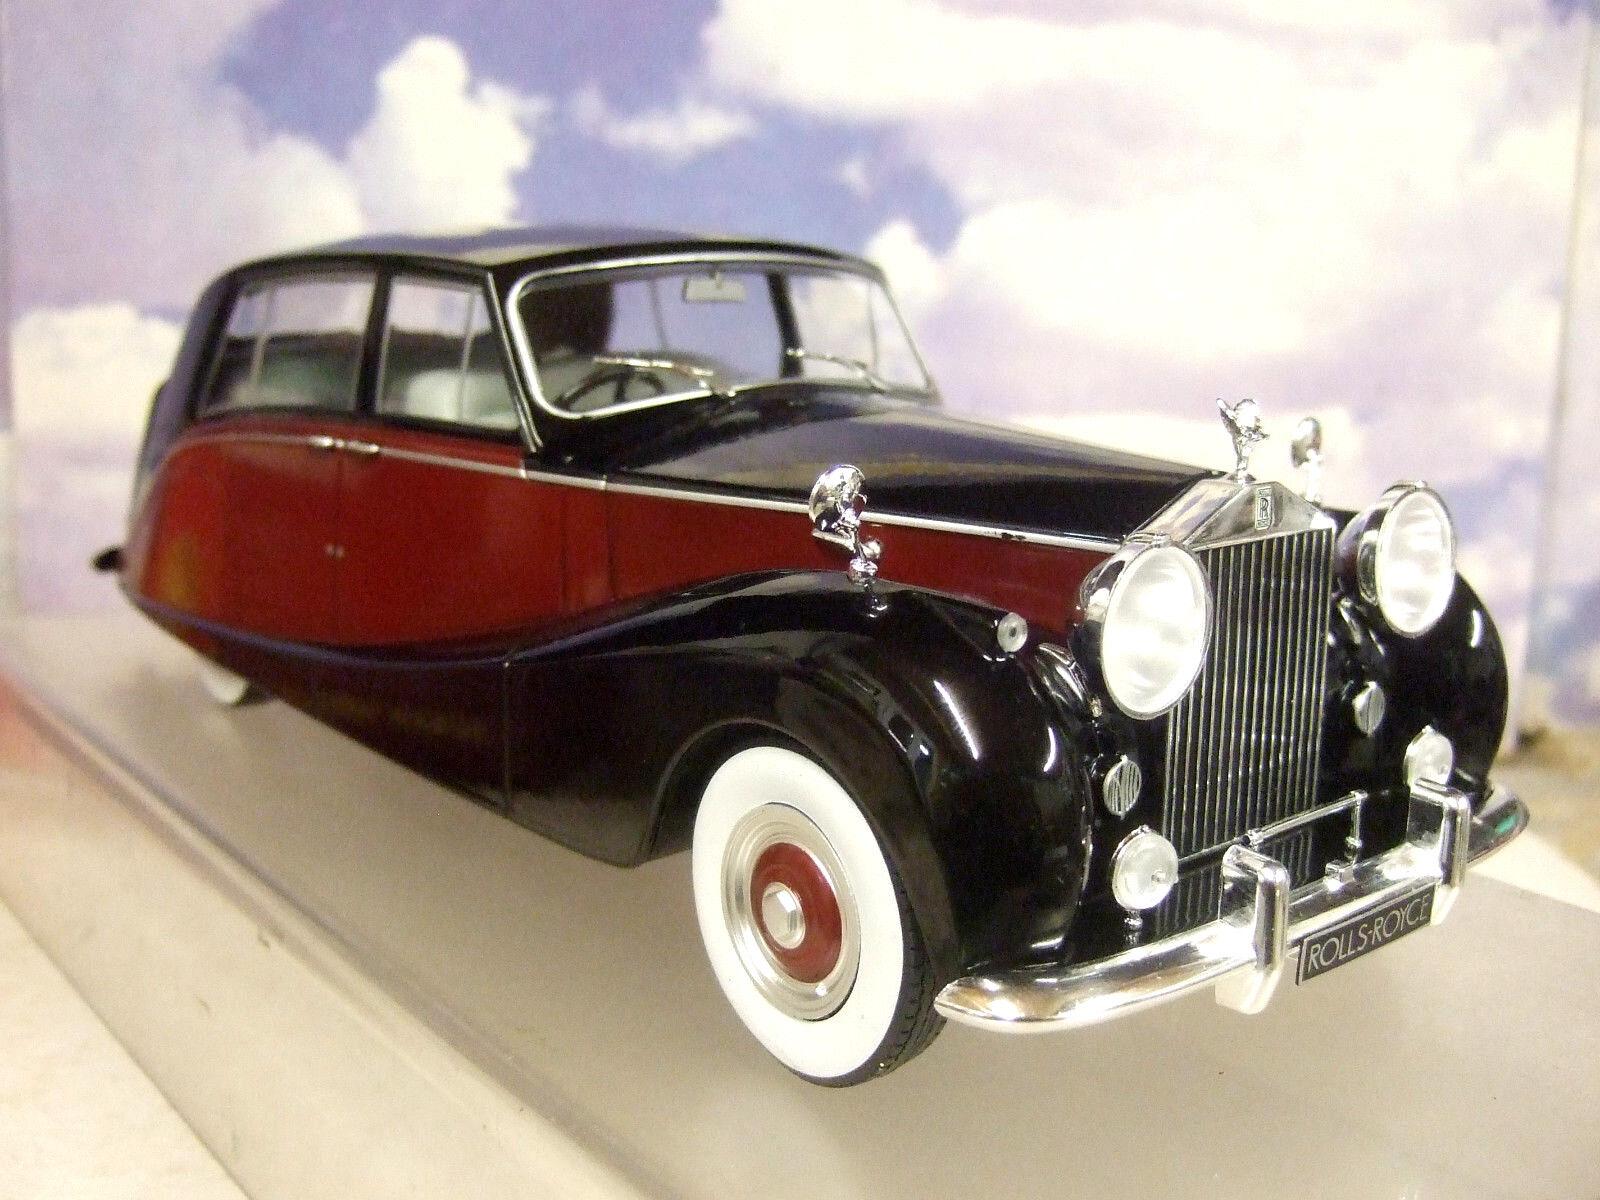 Mcg 1 18 de Metal 1956 Rolls Royce argento Espectros Hooper Empress rosso y nero